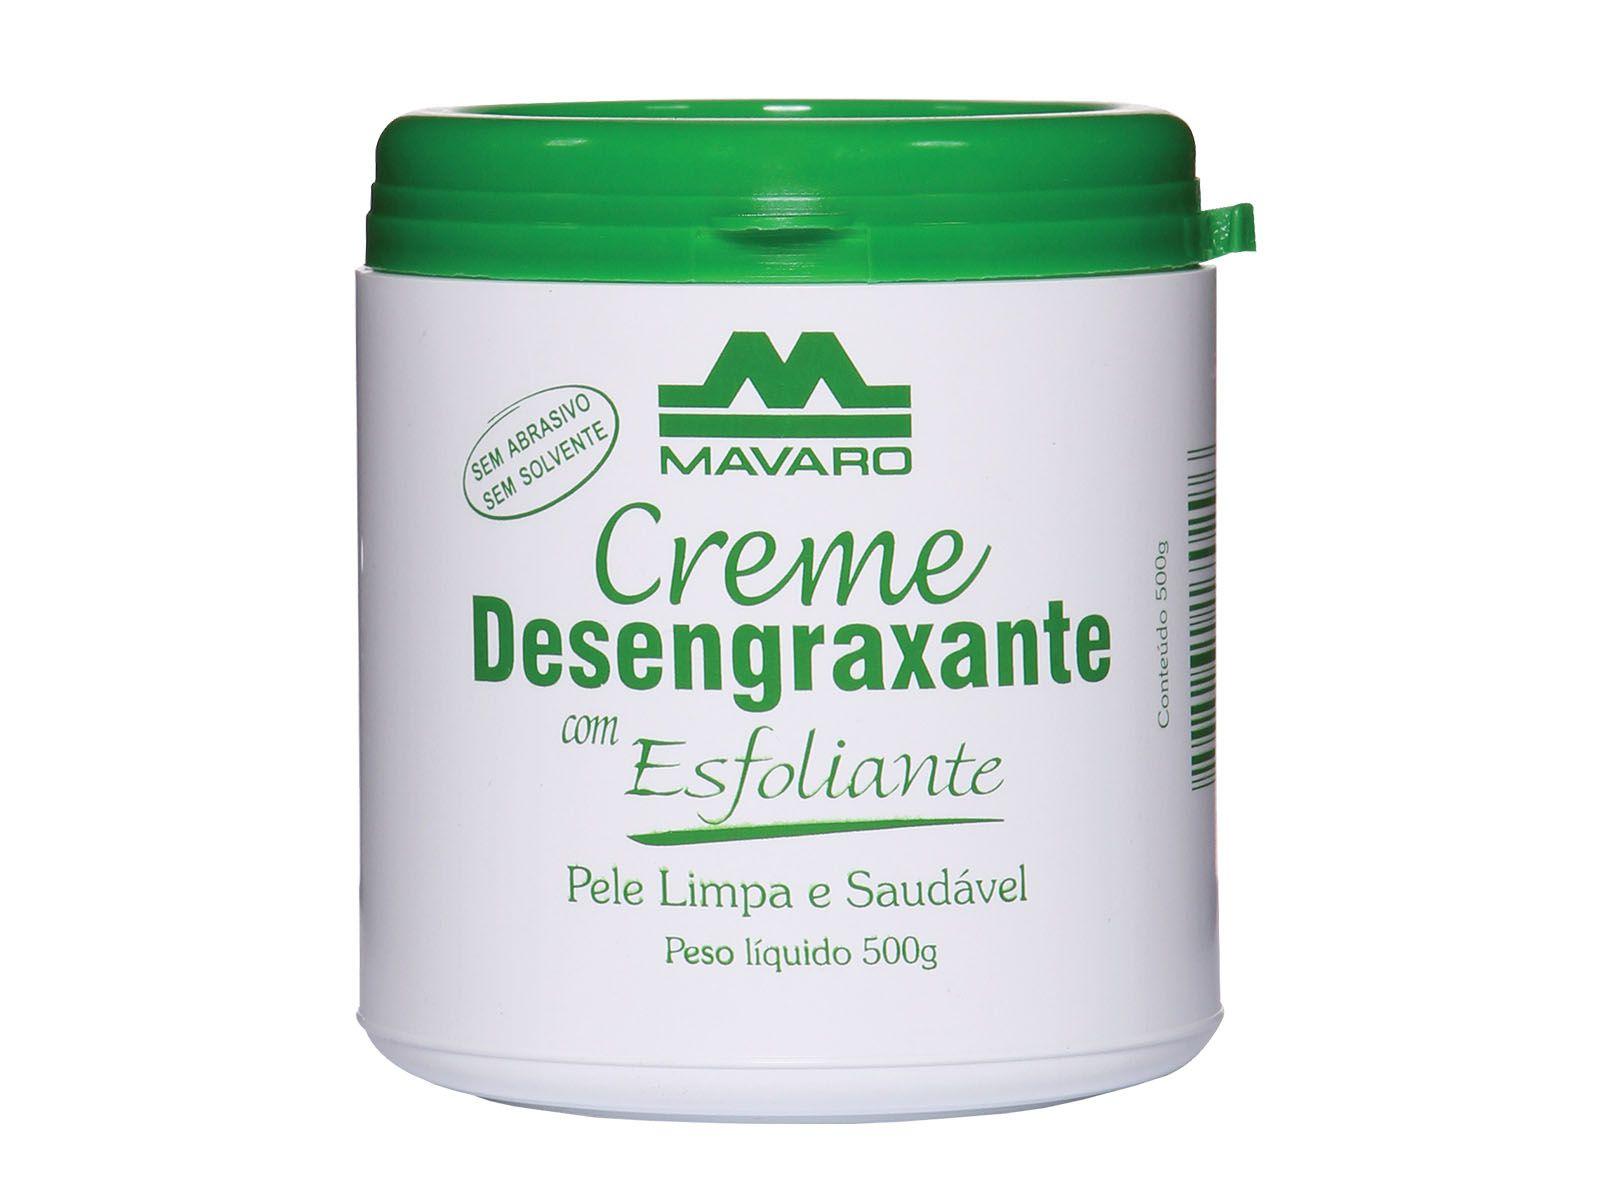 Creme desengraxante com esfoliante Mavaro 500g